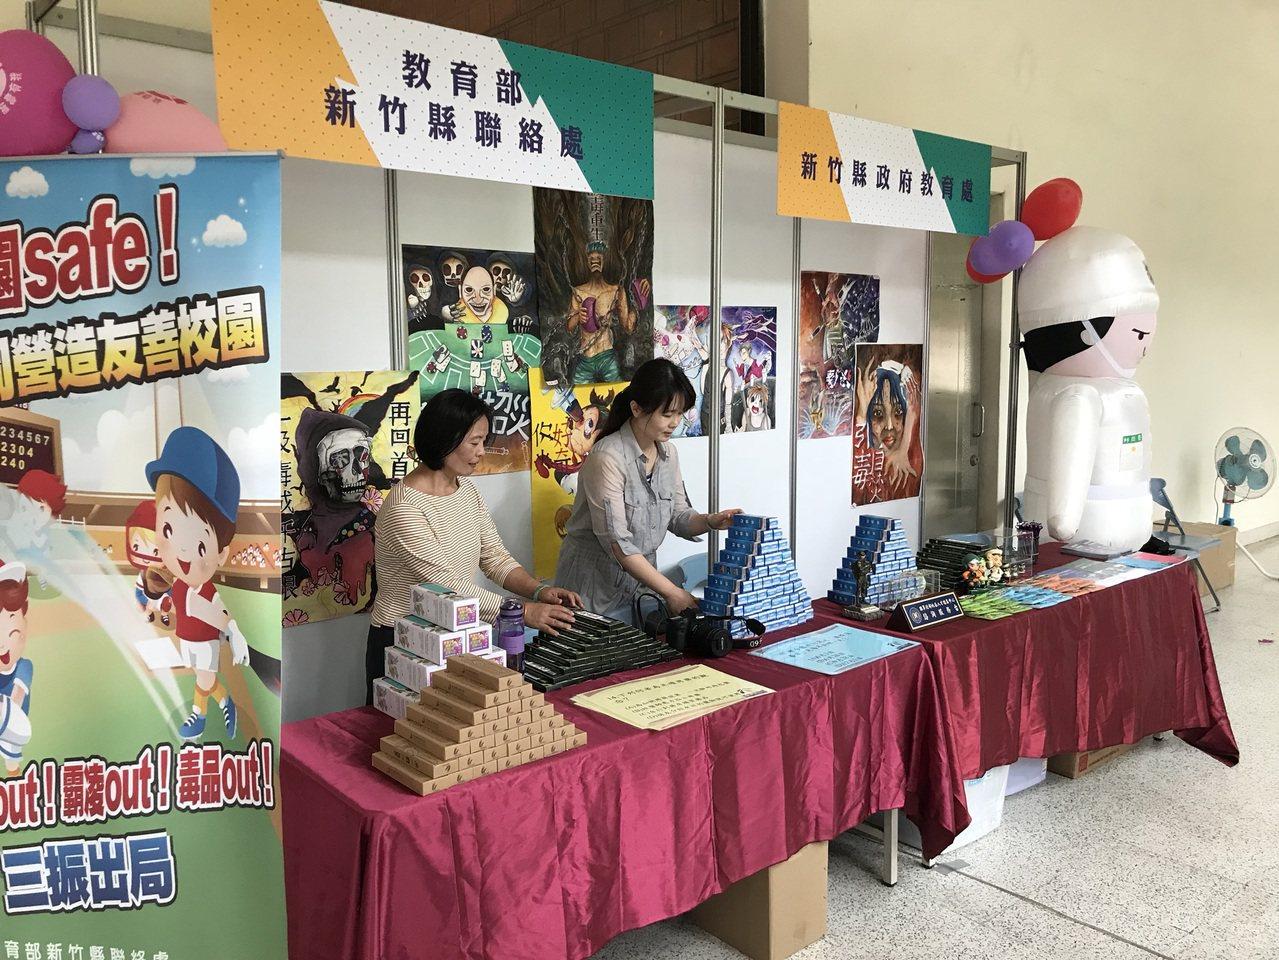 教育部新竹縣聯絡處也參加此次反毒宣導。記者郭宣彣/翻攝